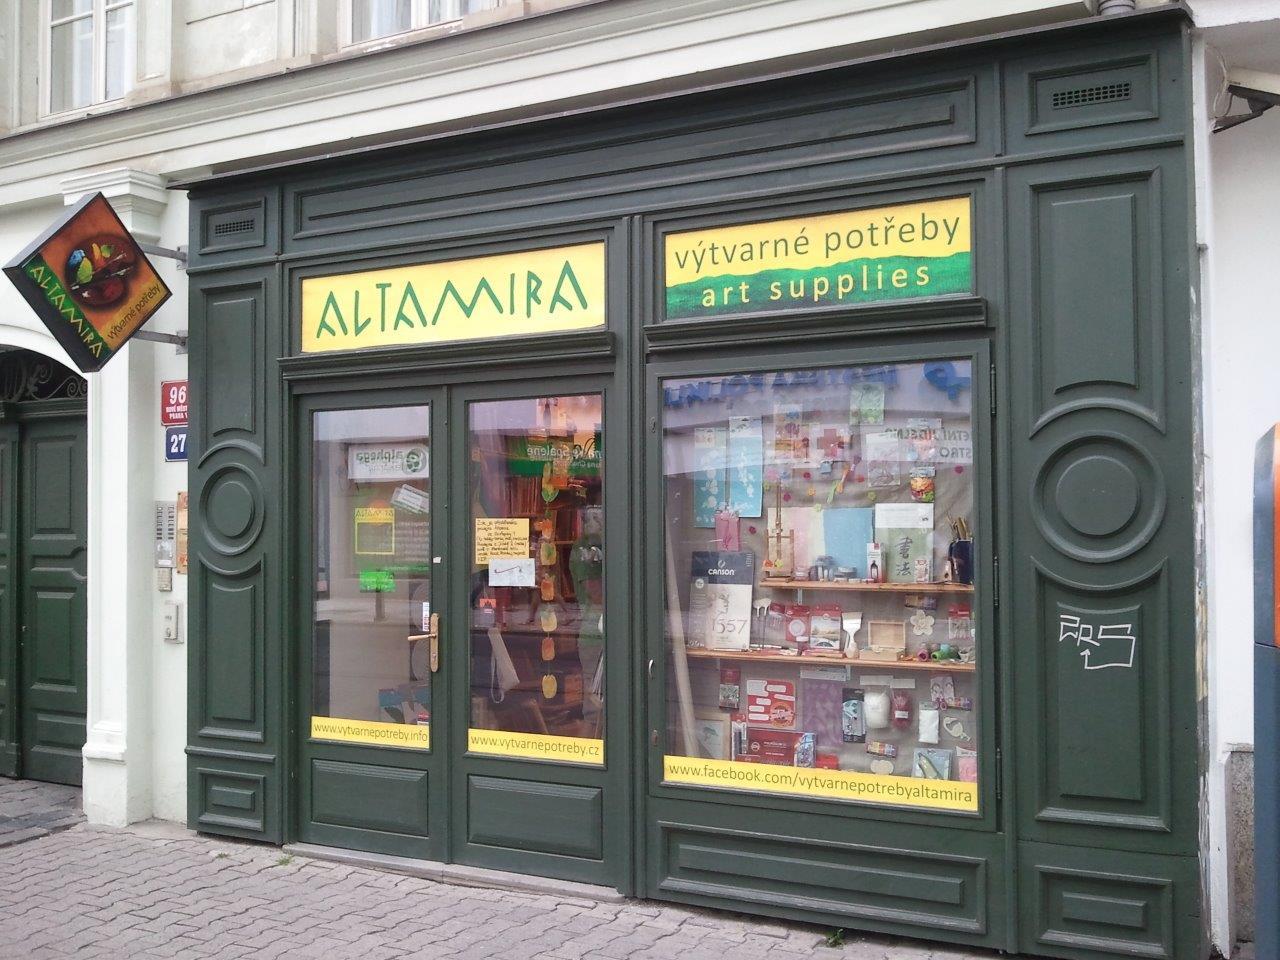 Web  www.vytvarnepotreby.cz. Altamira 2 - Spálená.jpg b9a4e104173